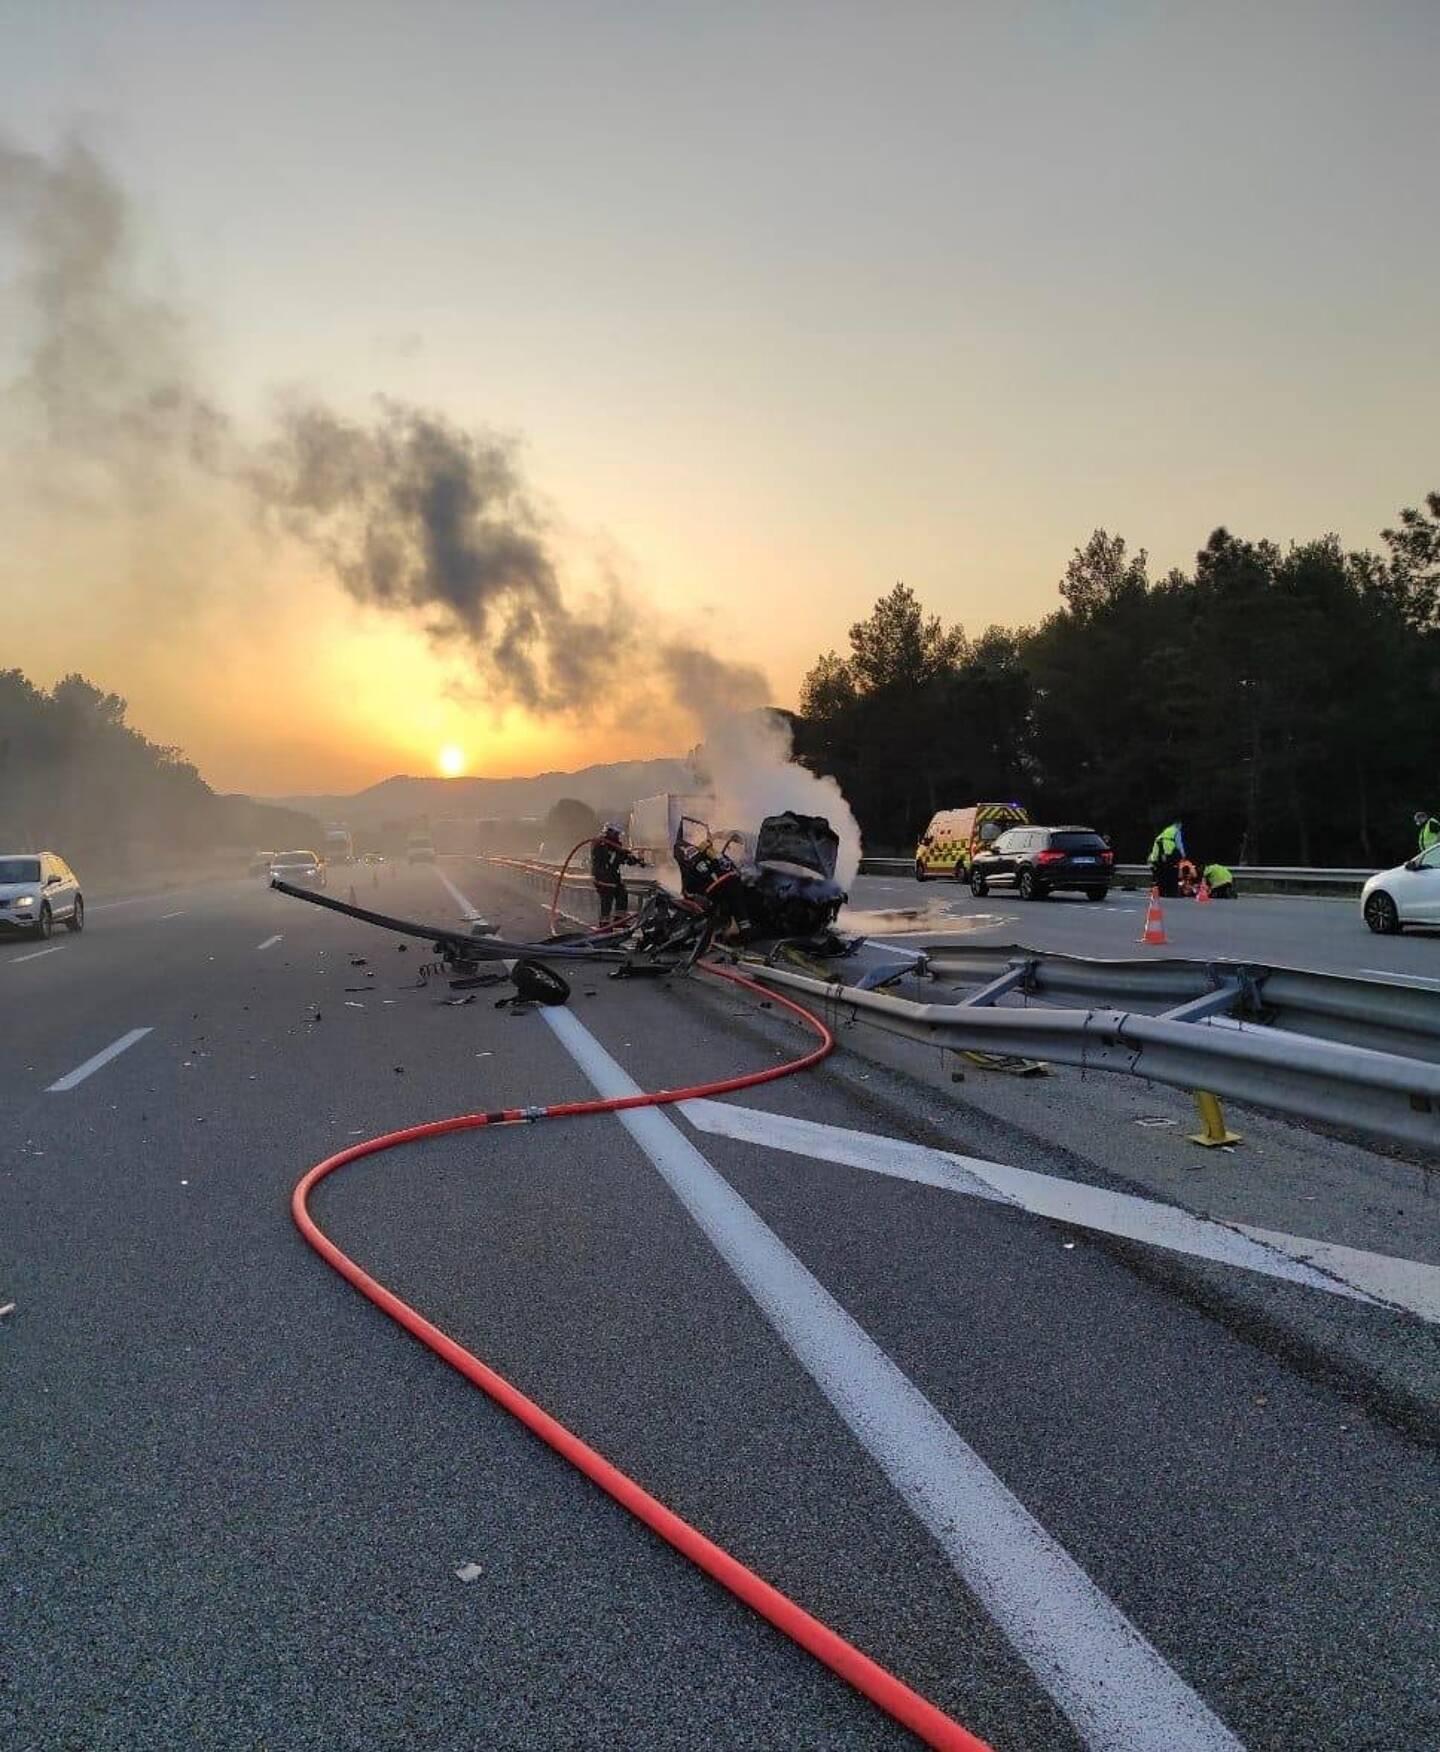 Ce vendredi soir, sur l'autoroute A8, dans le sens Nice-Aix au niveau de la commune des Arcs-sur-Argens, un automobiliste a fait une sortie de route et percuté le rail de sécurité.